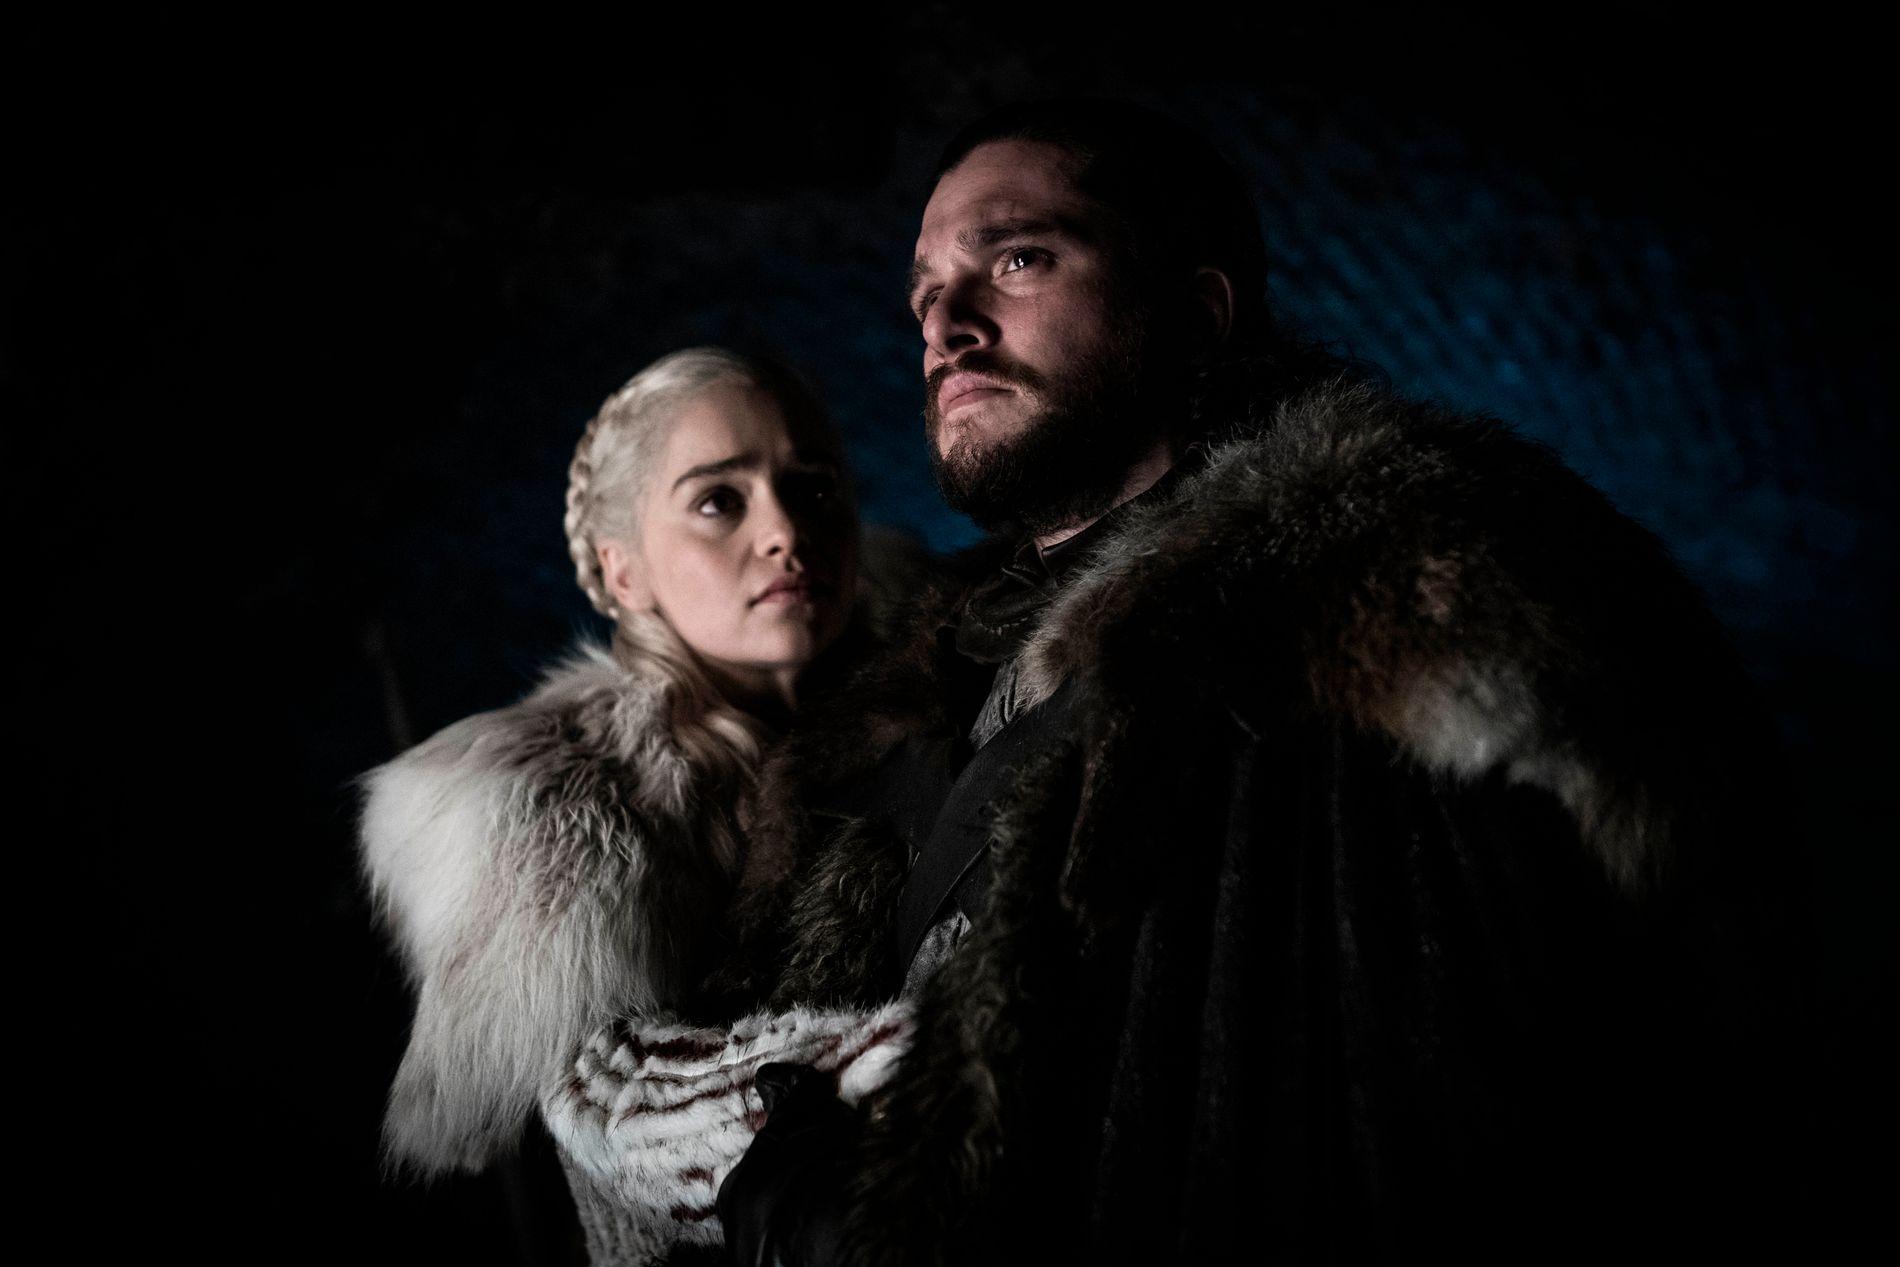 SENTRALE: Emilia Clarke og Kit Harington spiller Daenerys Targaryen og Jon Snow i «Game of Thrones.